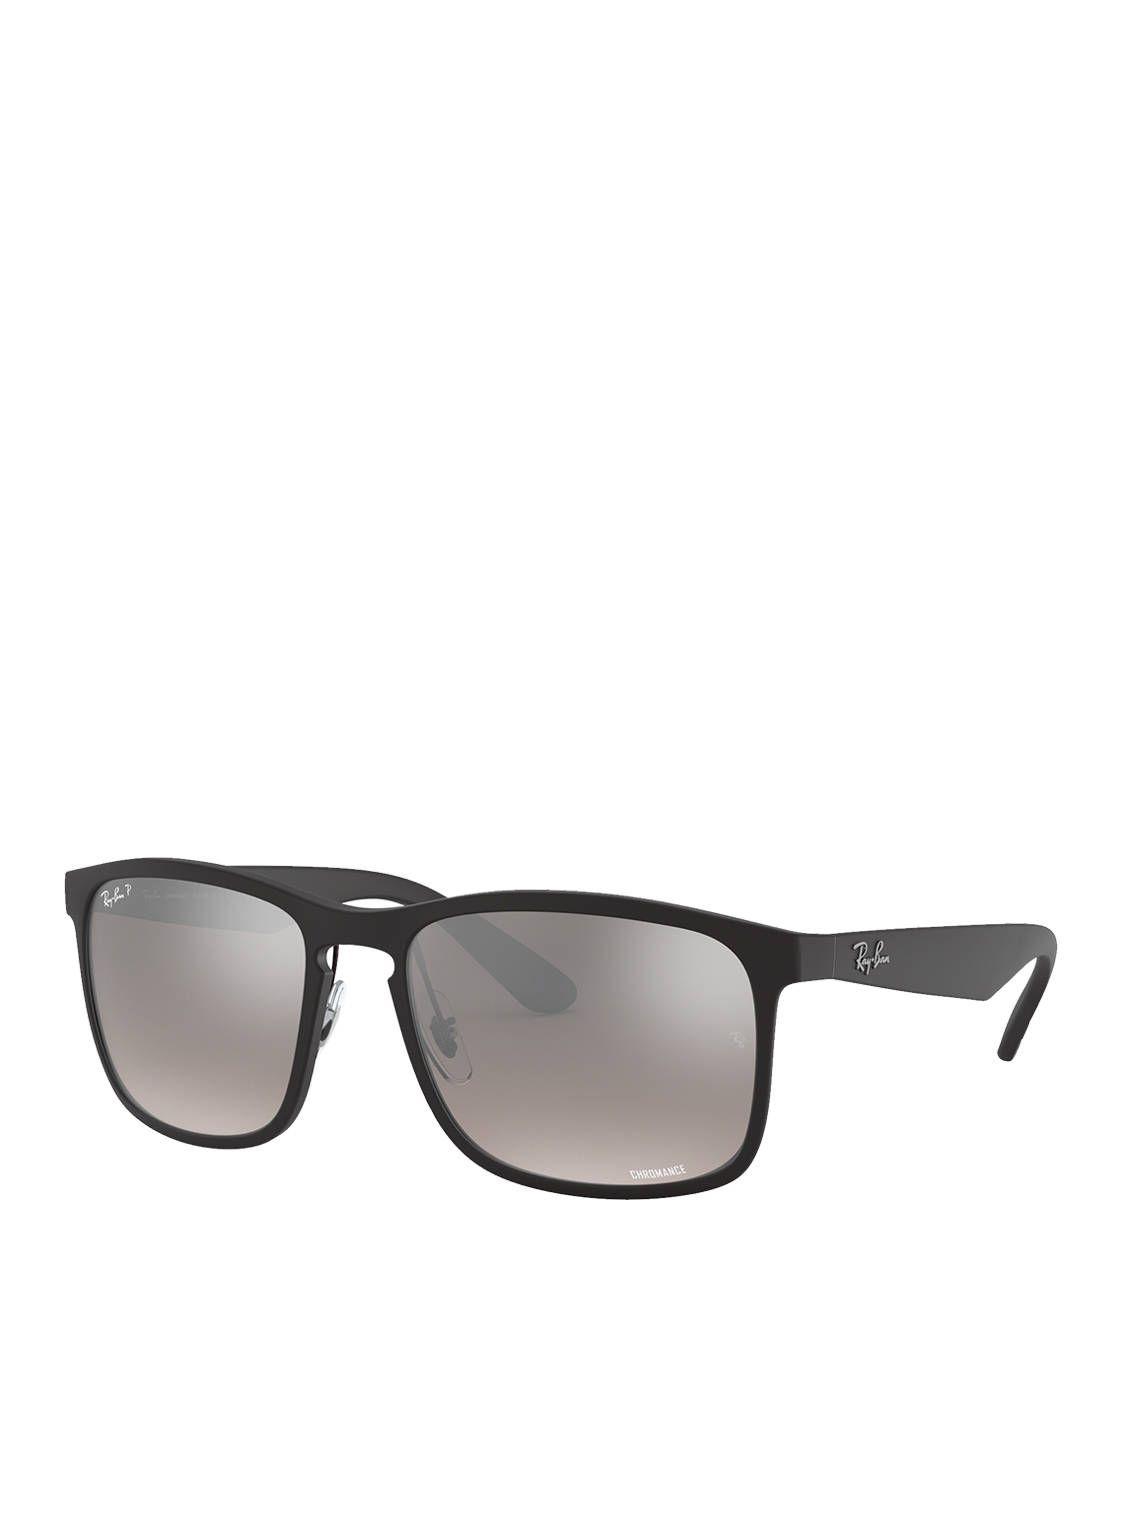 Sonnenbrille RB4264  von Ray-Ban bei Breuninger kaufen